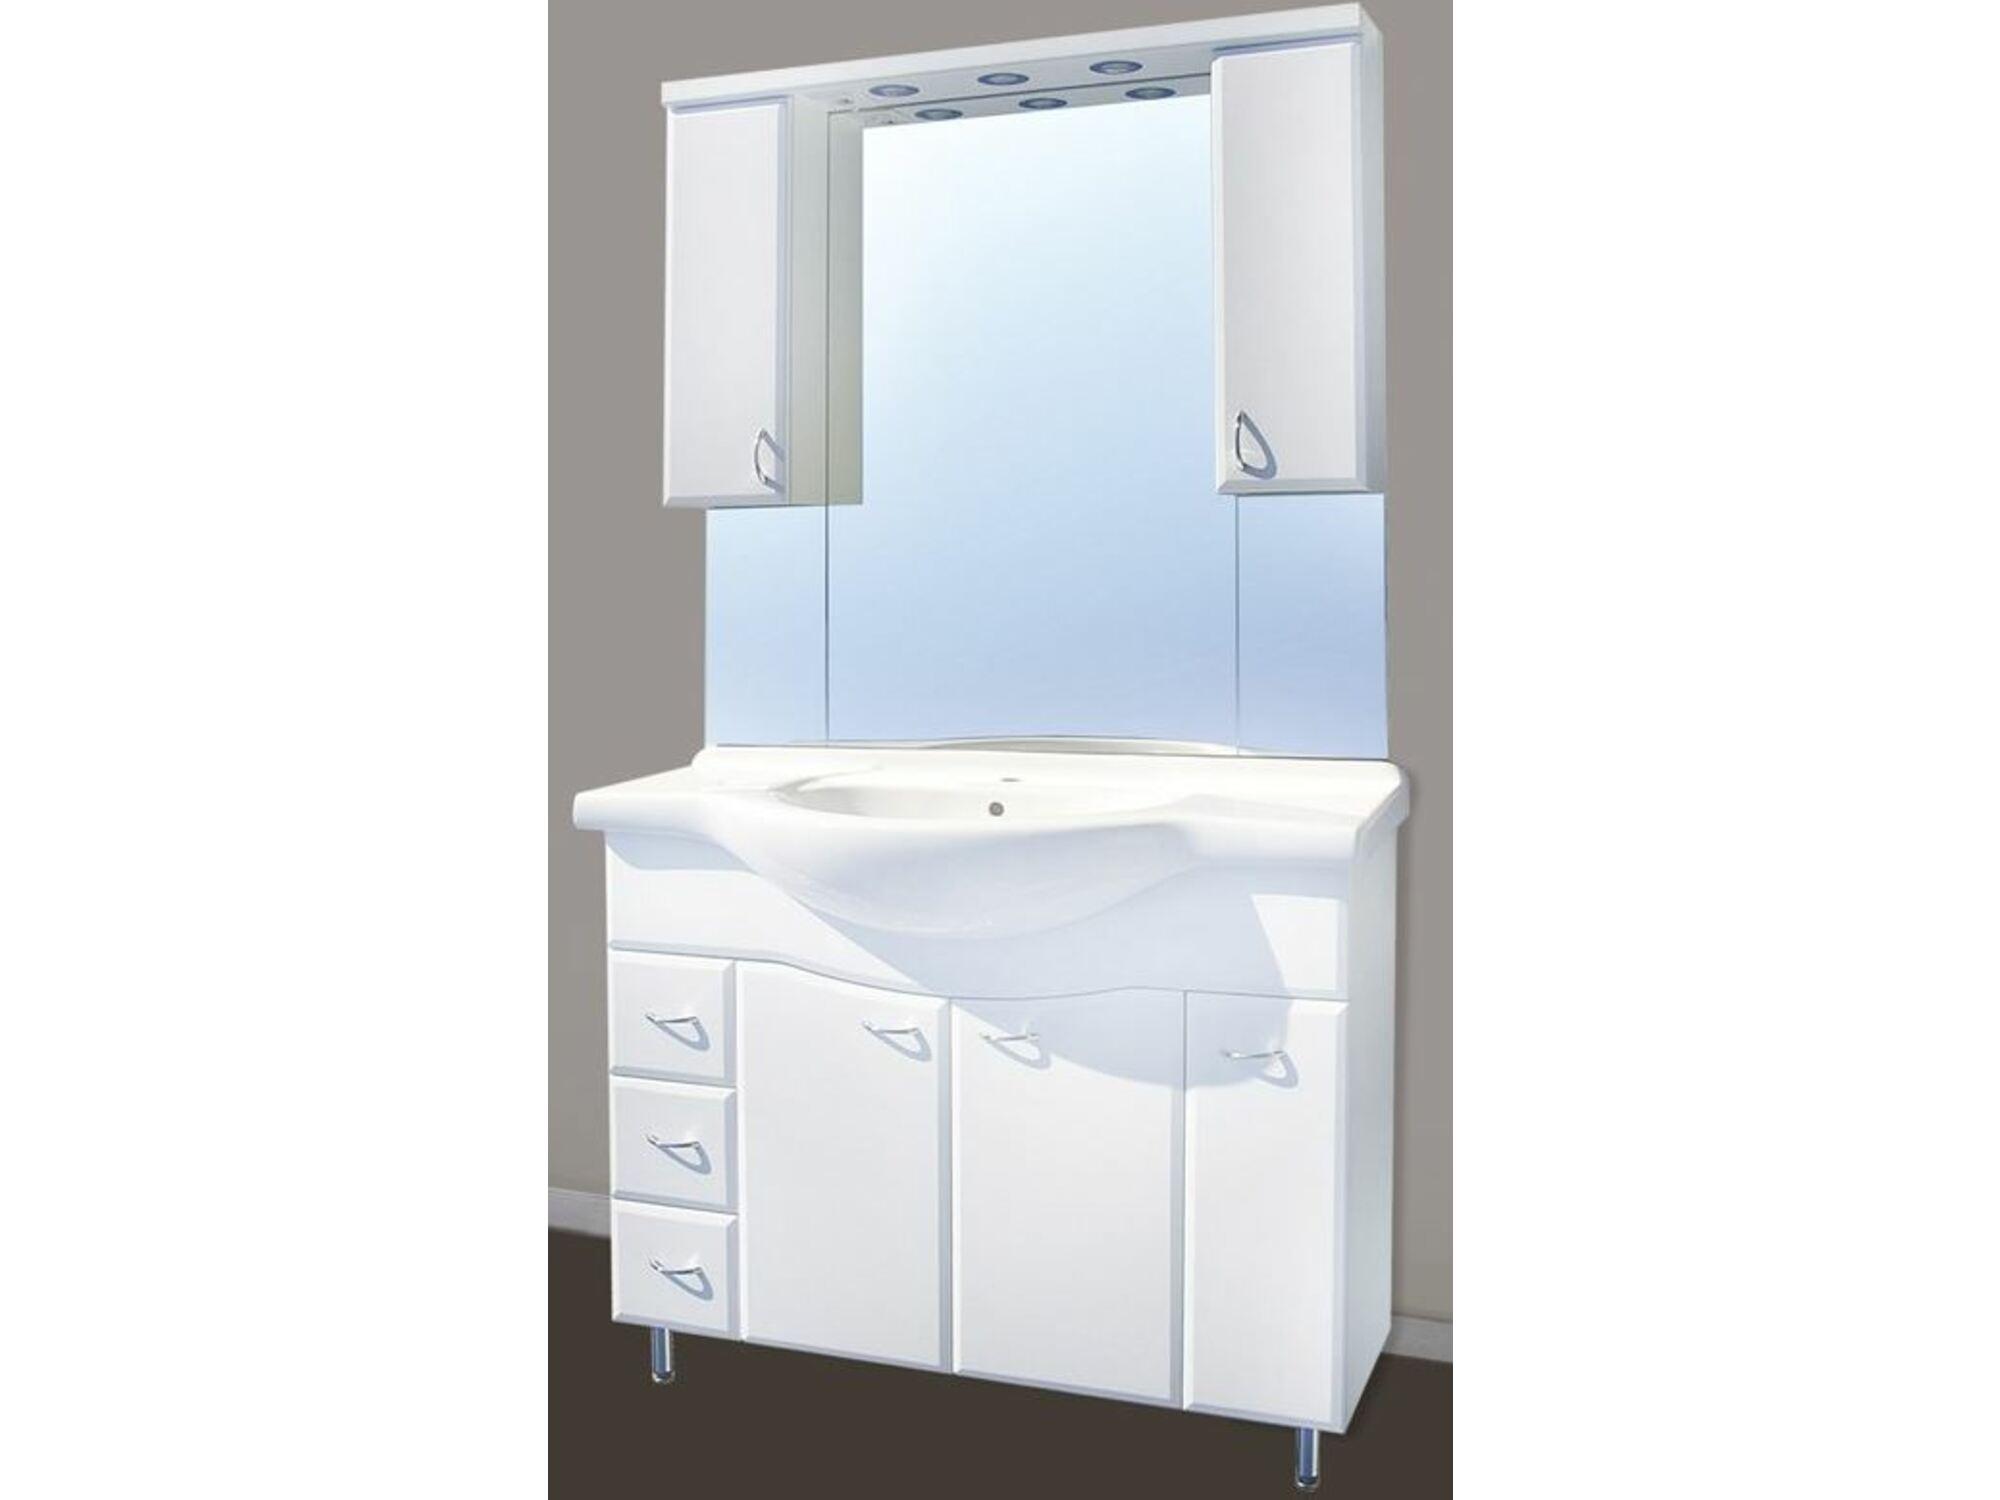 Sanotechnik kopalniško pohištvo SAN REMO LUX 105 08183